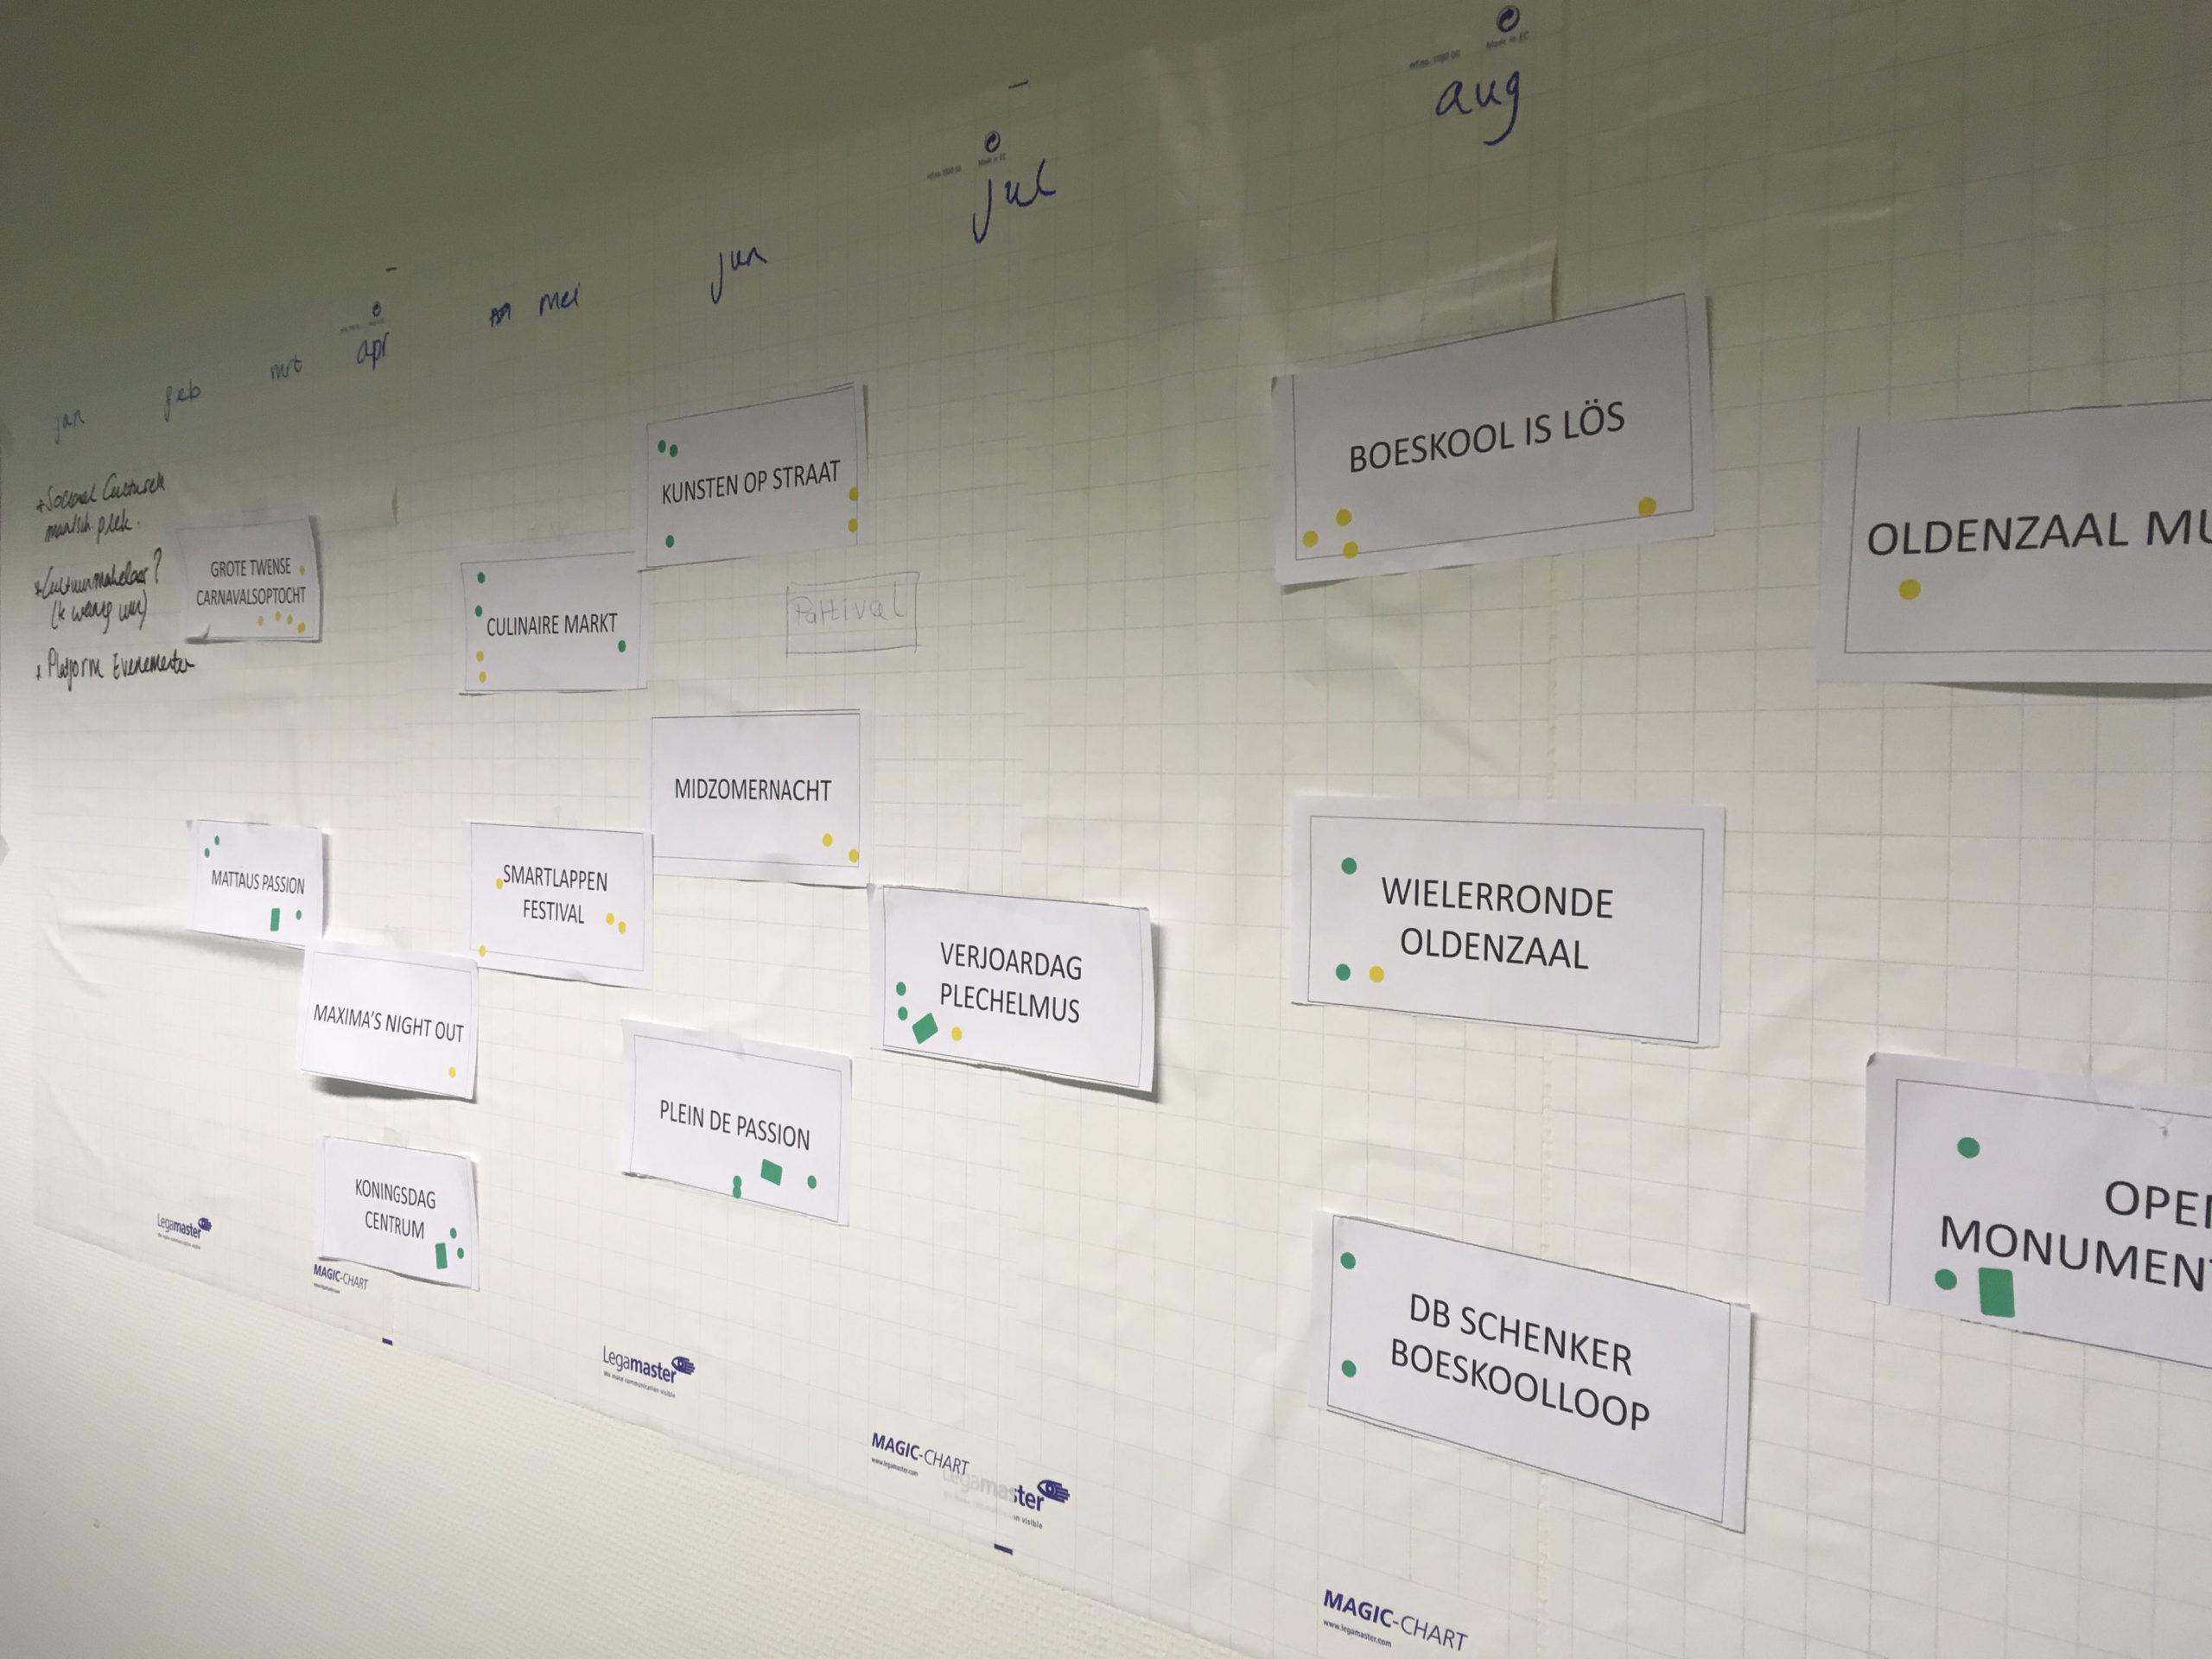 Brainstormsessie activaties gemeente Oldenzaal (placemaking - placebranding)